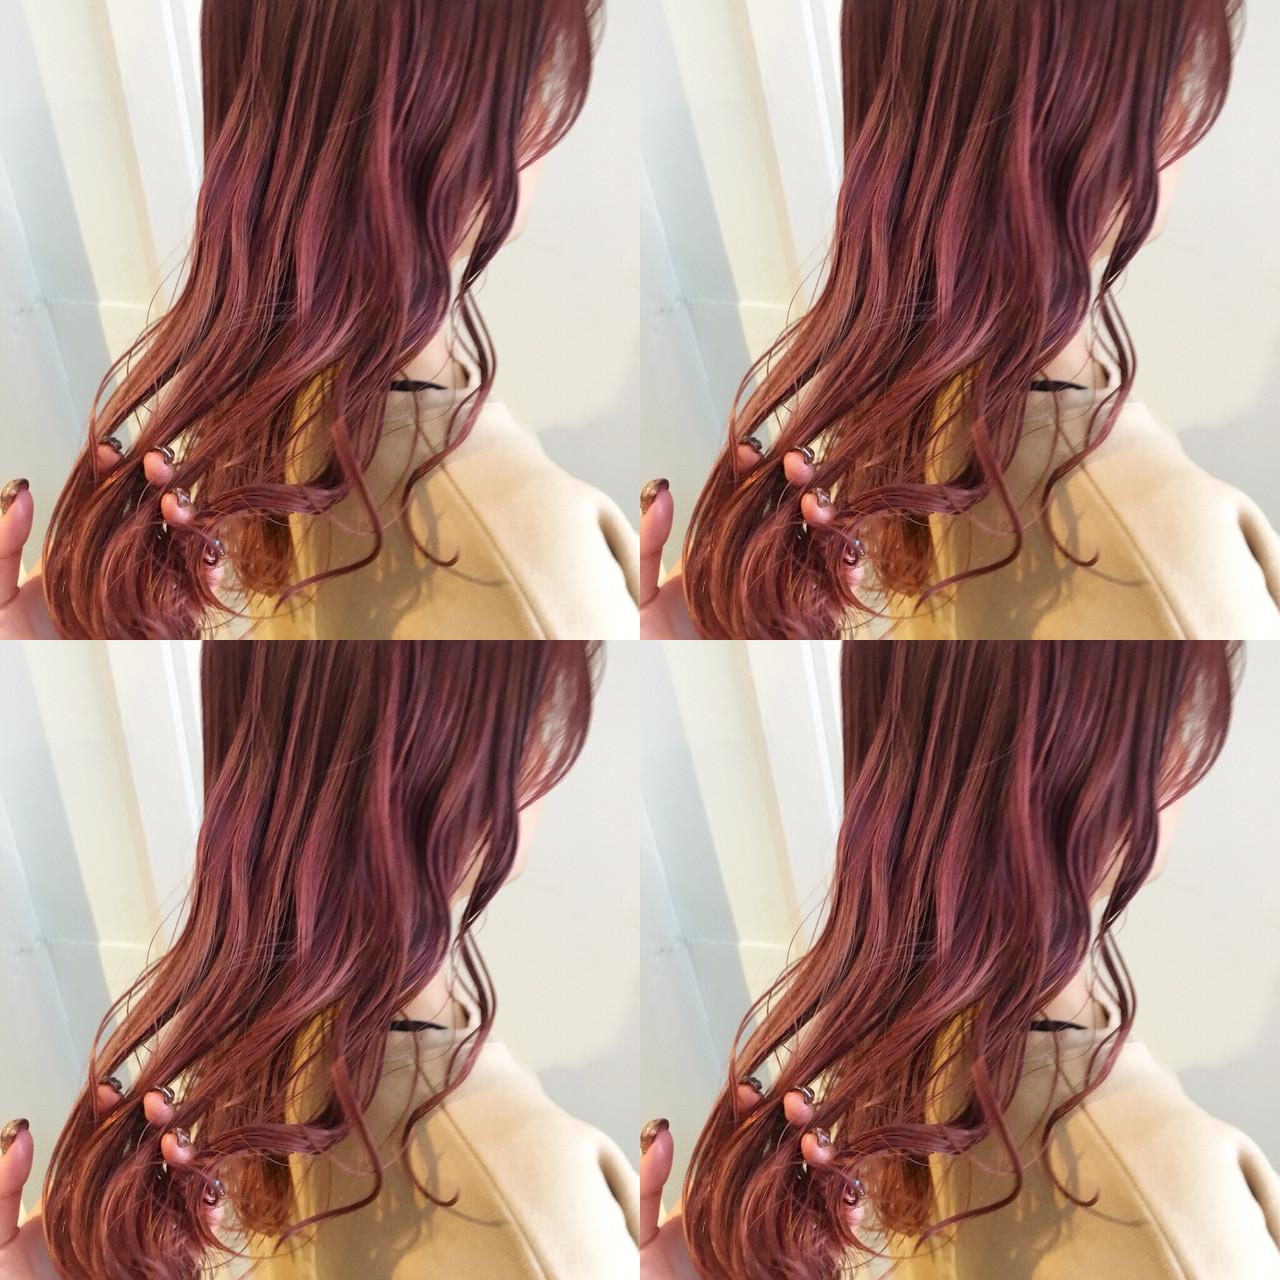 ロング アウトドア ヘアアレンジ ナチュラル ヘアスタイルや髪型の写真・画像 | 犬島麻姫子 / オルチャンヘアスタイルおまかせください